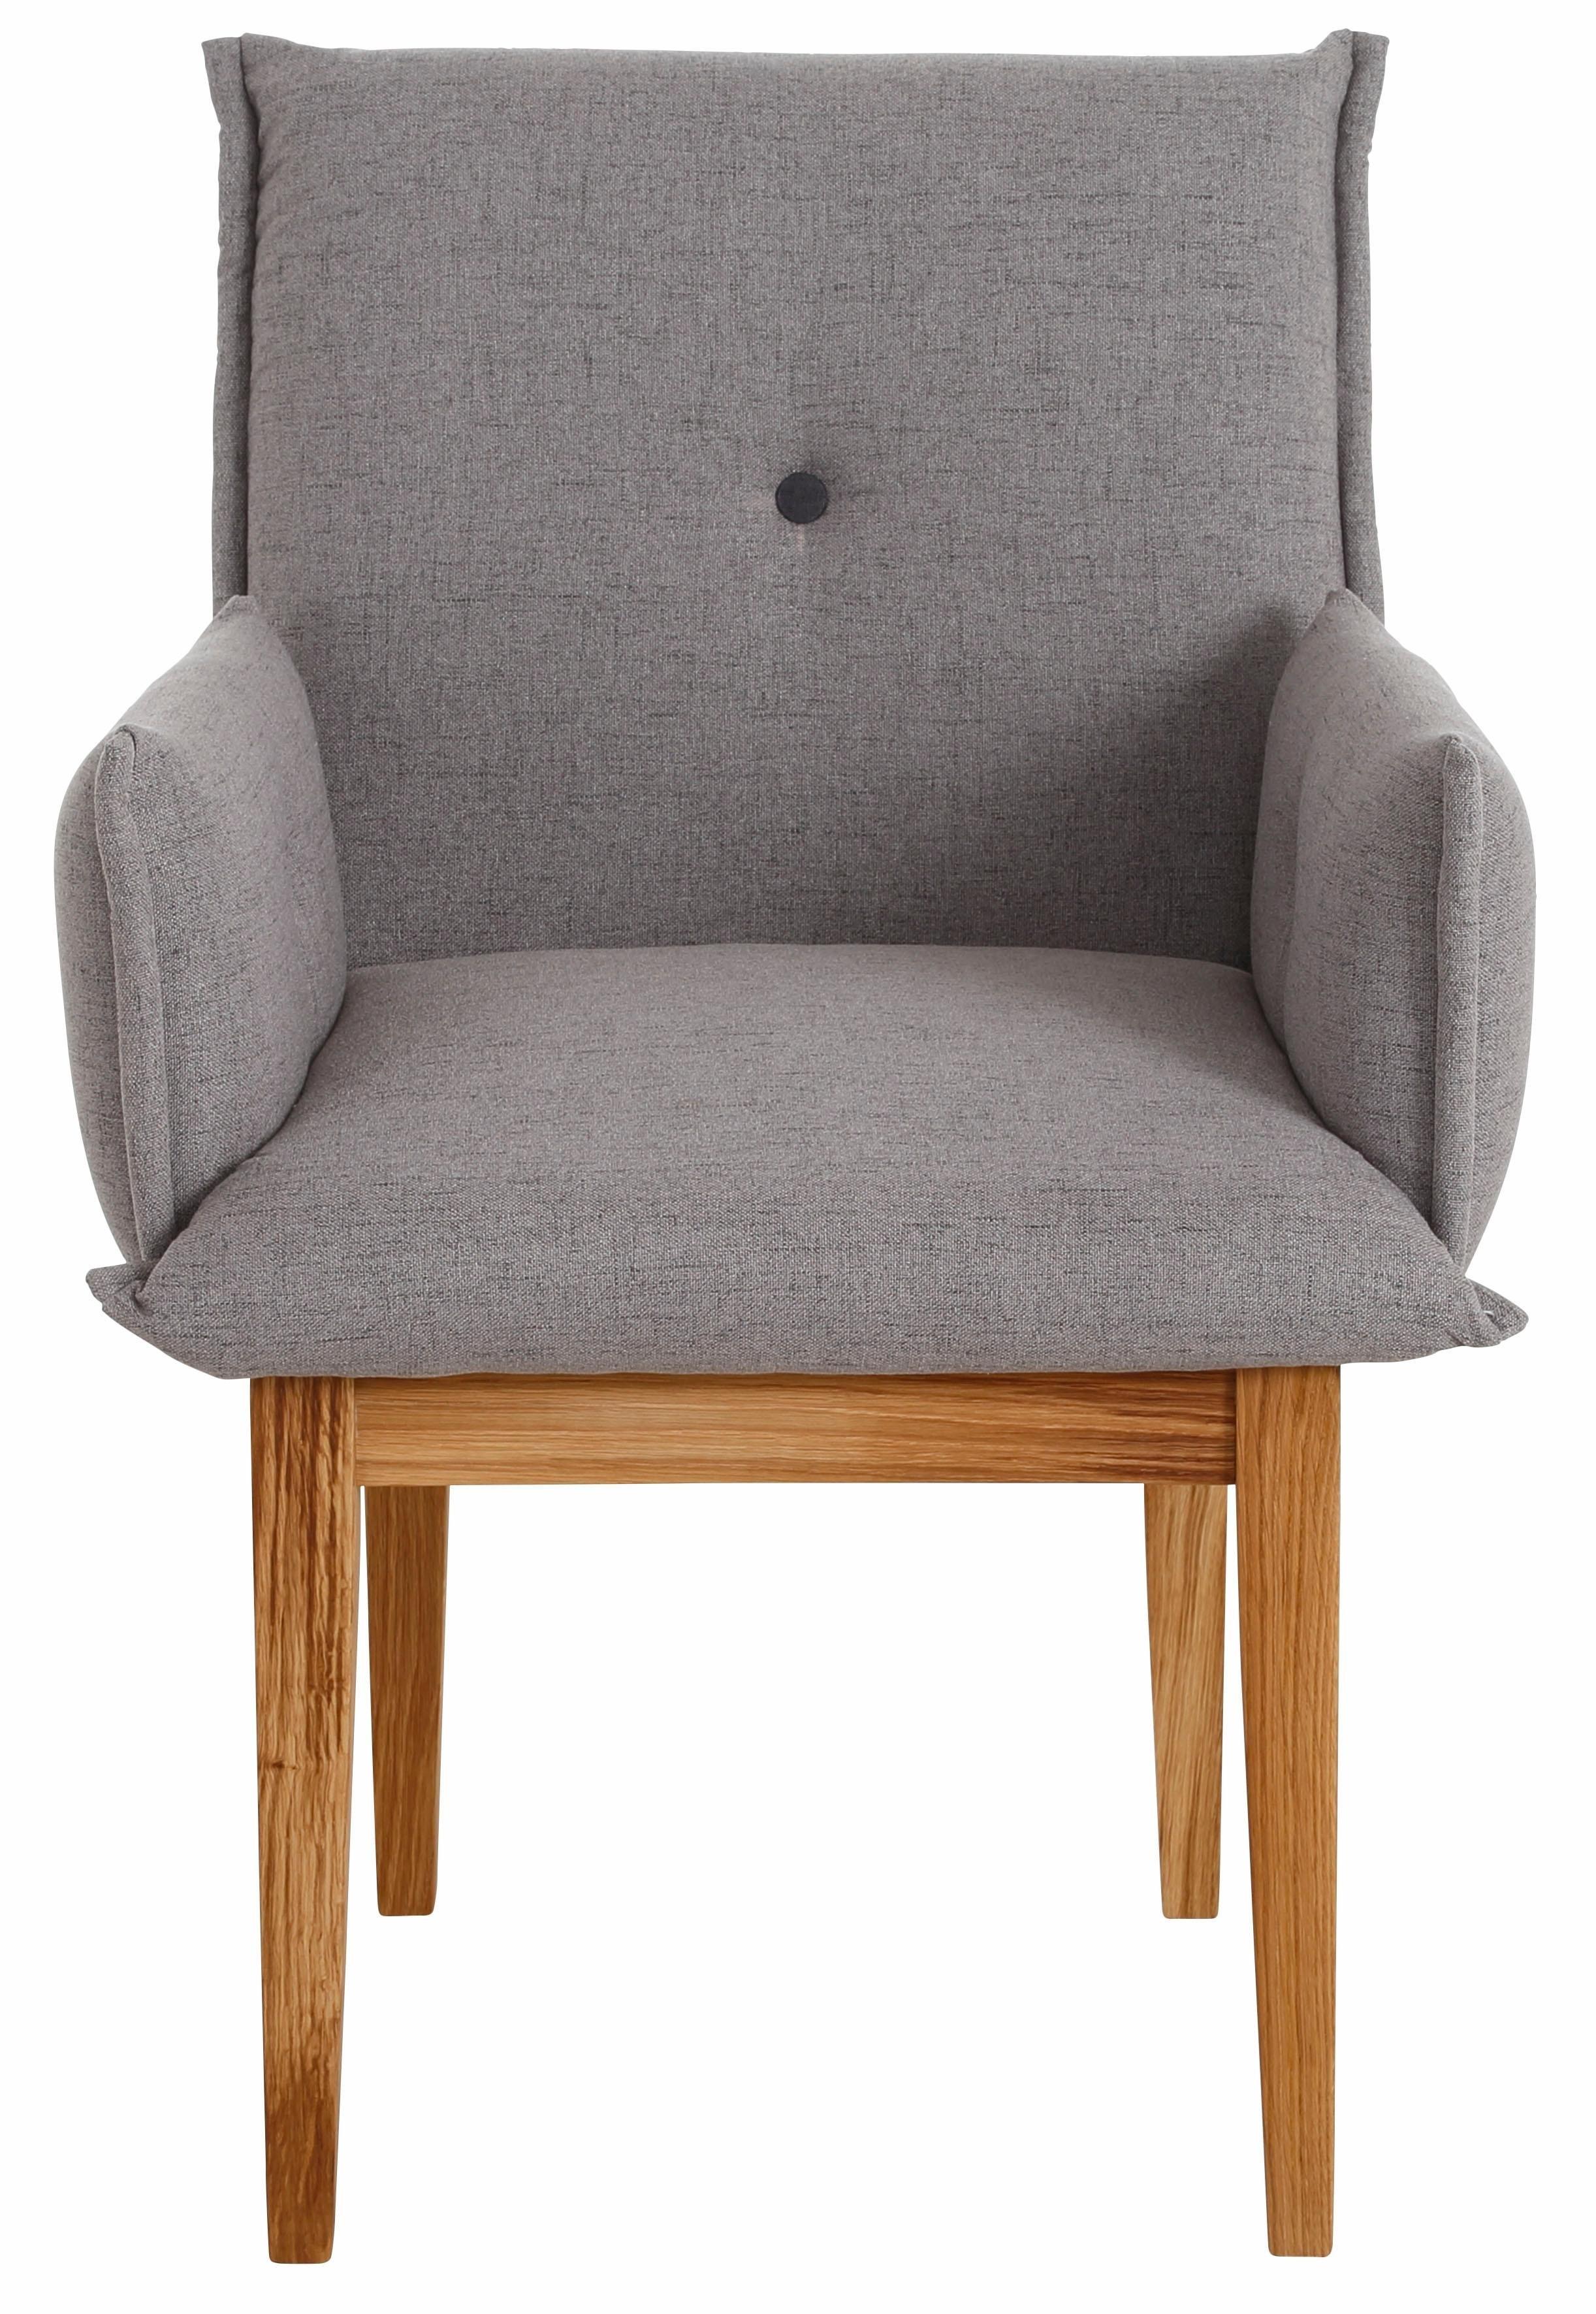 Stoelen met armleuning goedkoop top goedkope ikea nordic for Goedkope witte stoelen